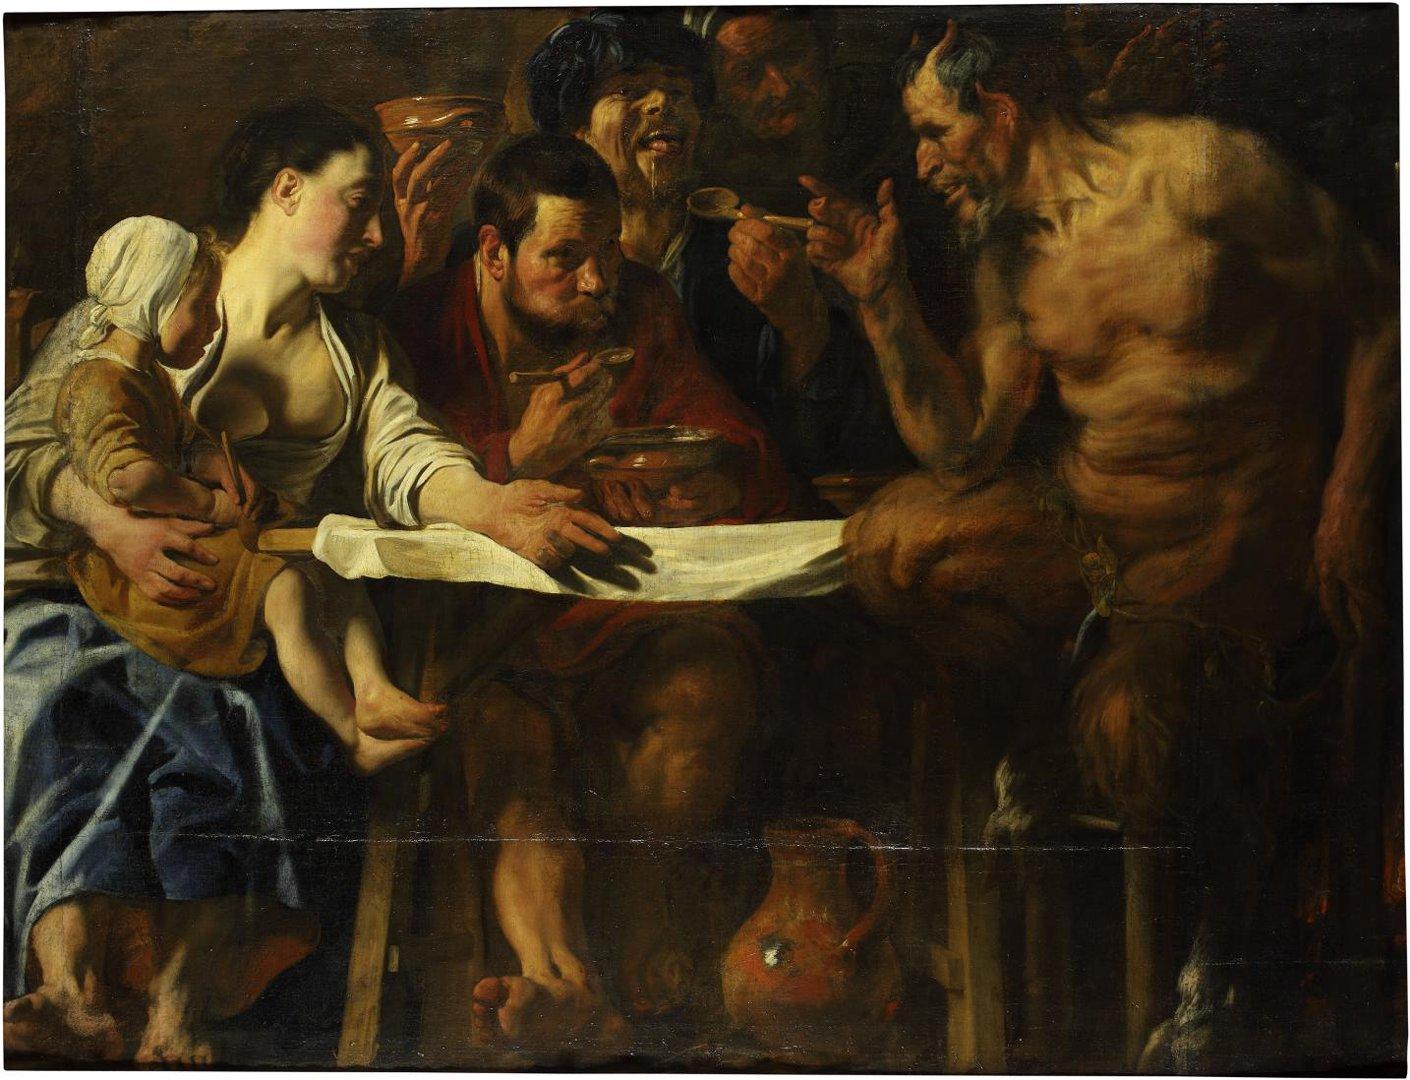 Выставка Якоба Йорданса пройдет в Пушкинском музее